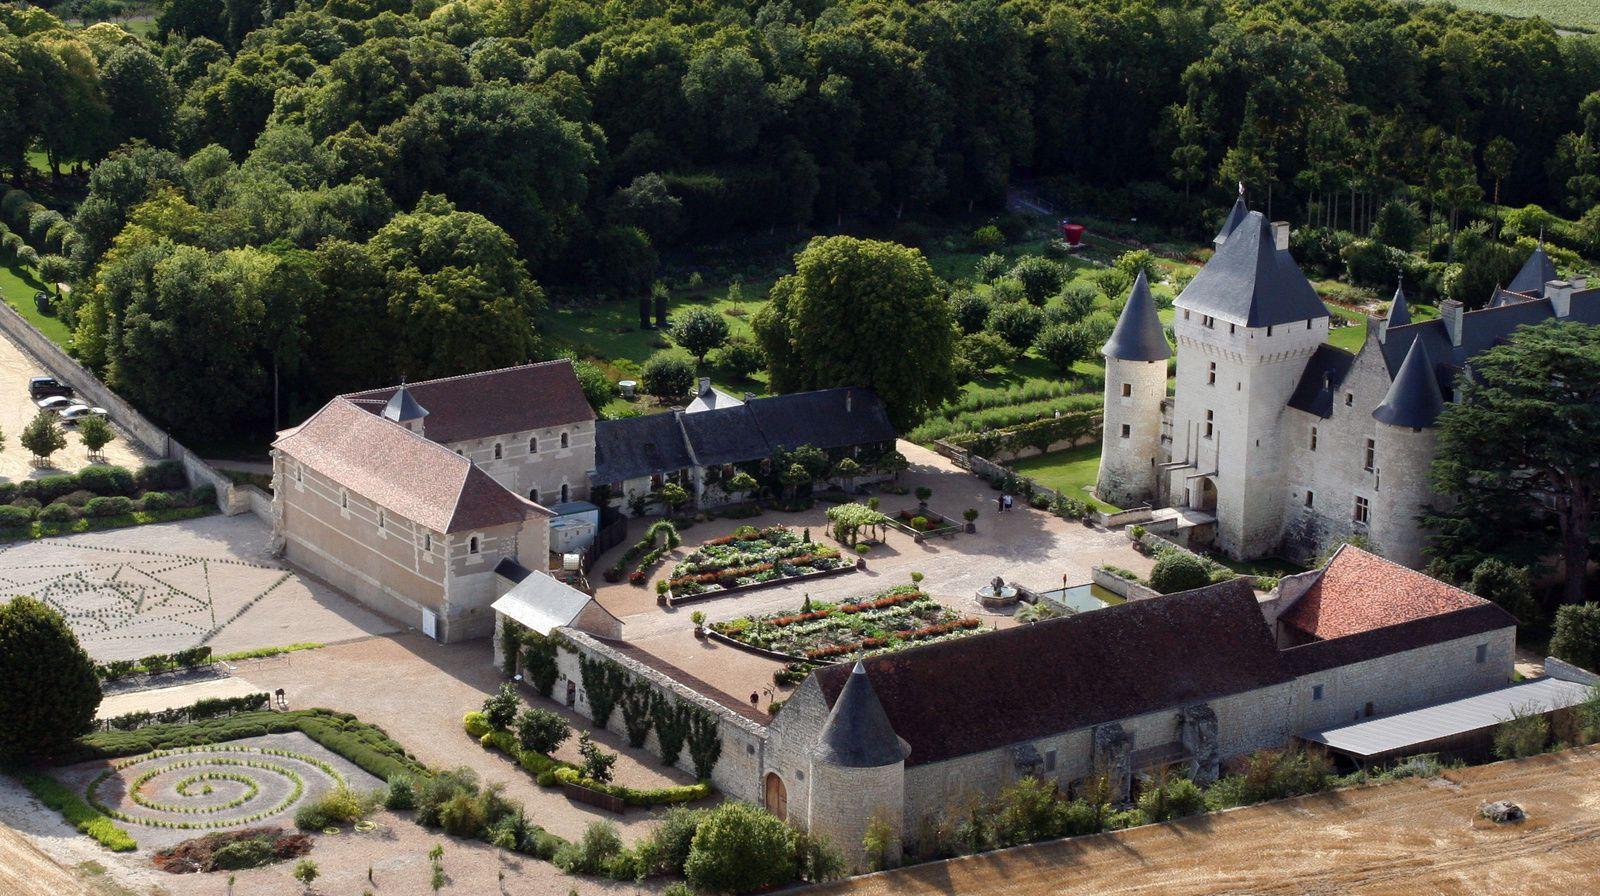 C'est l'été ! Tournois spectaculaires au château de Rivau